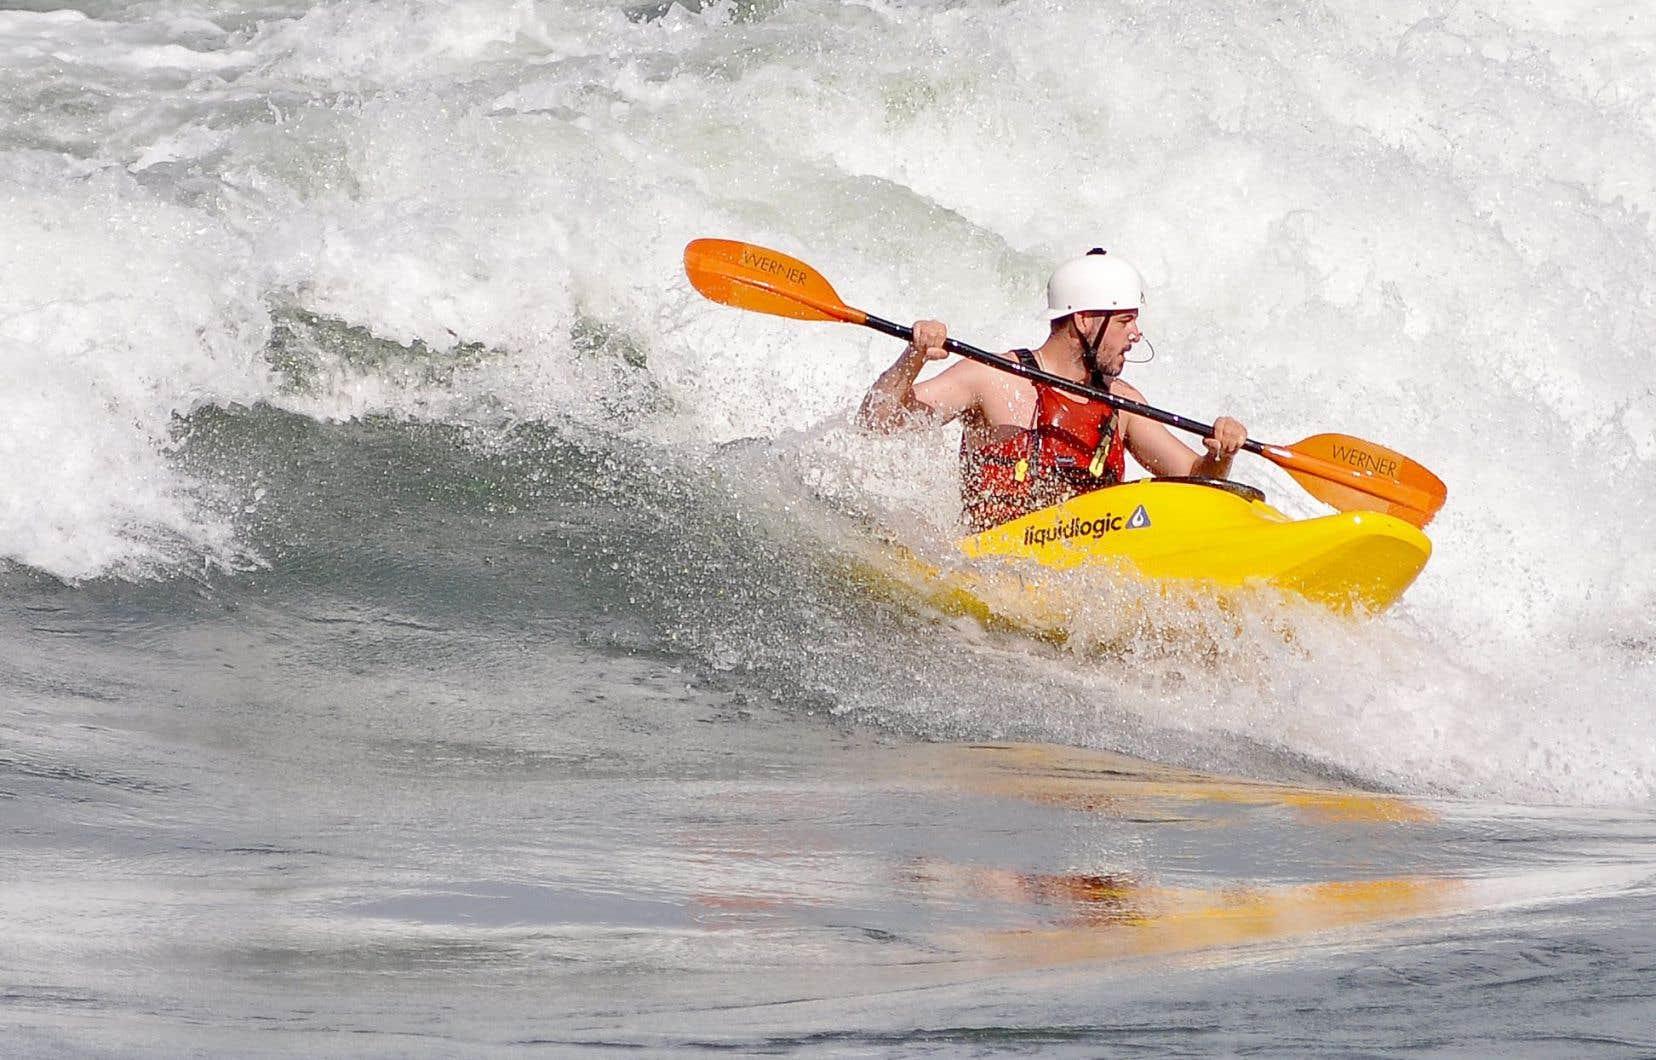 L'été, surfeurs et kayakistes chevauchent les vagues perpétuelles qui se forment dans les rapides du fleuve Saint-Laurent.